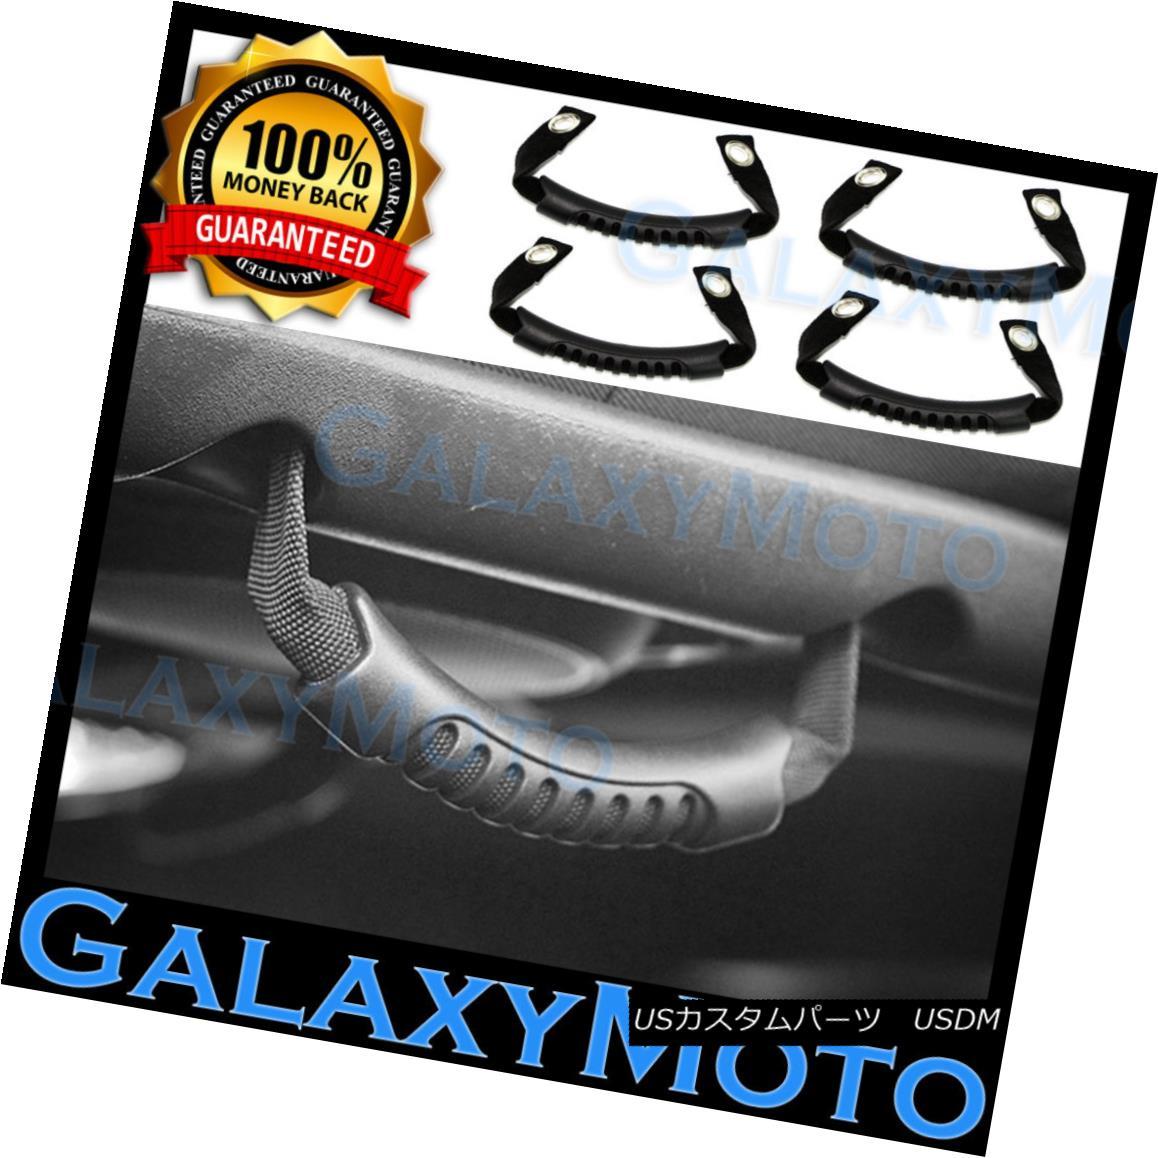 グリル Extreme Black 4pc Rear Side Grab Handle for 07-17 Jeep Wrangler JK 07-17ジープラングラーJKのエクストリームブラック4pcリアサイドグラブハンドル